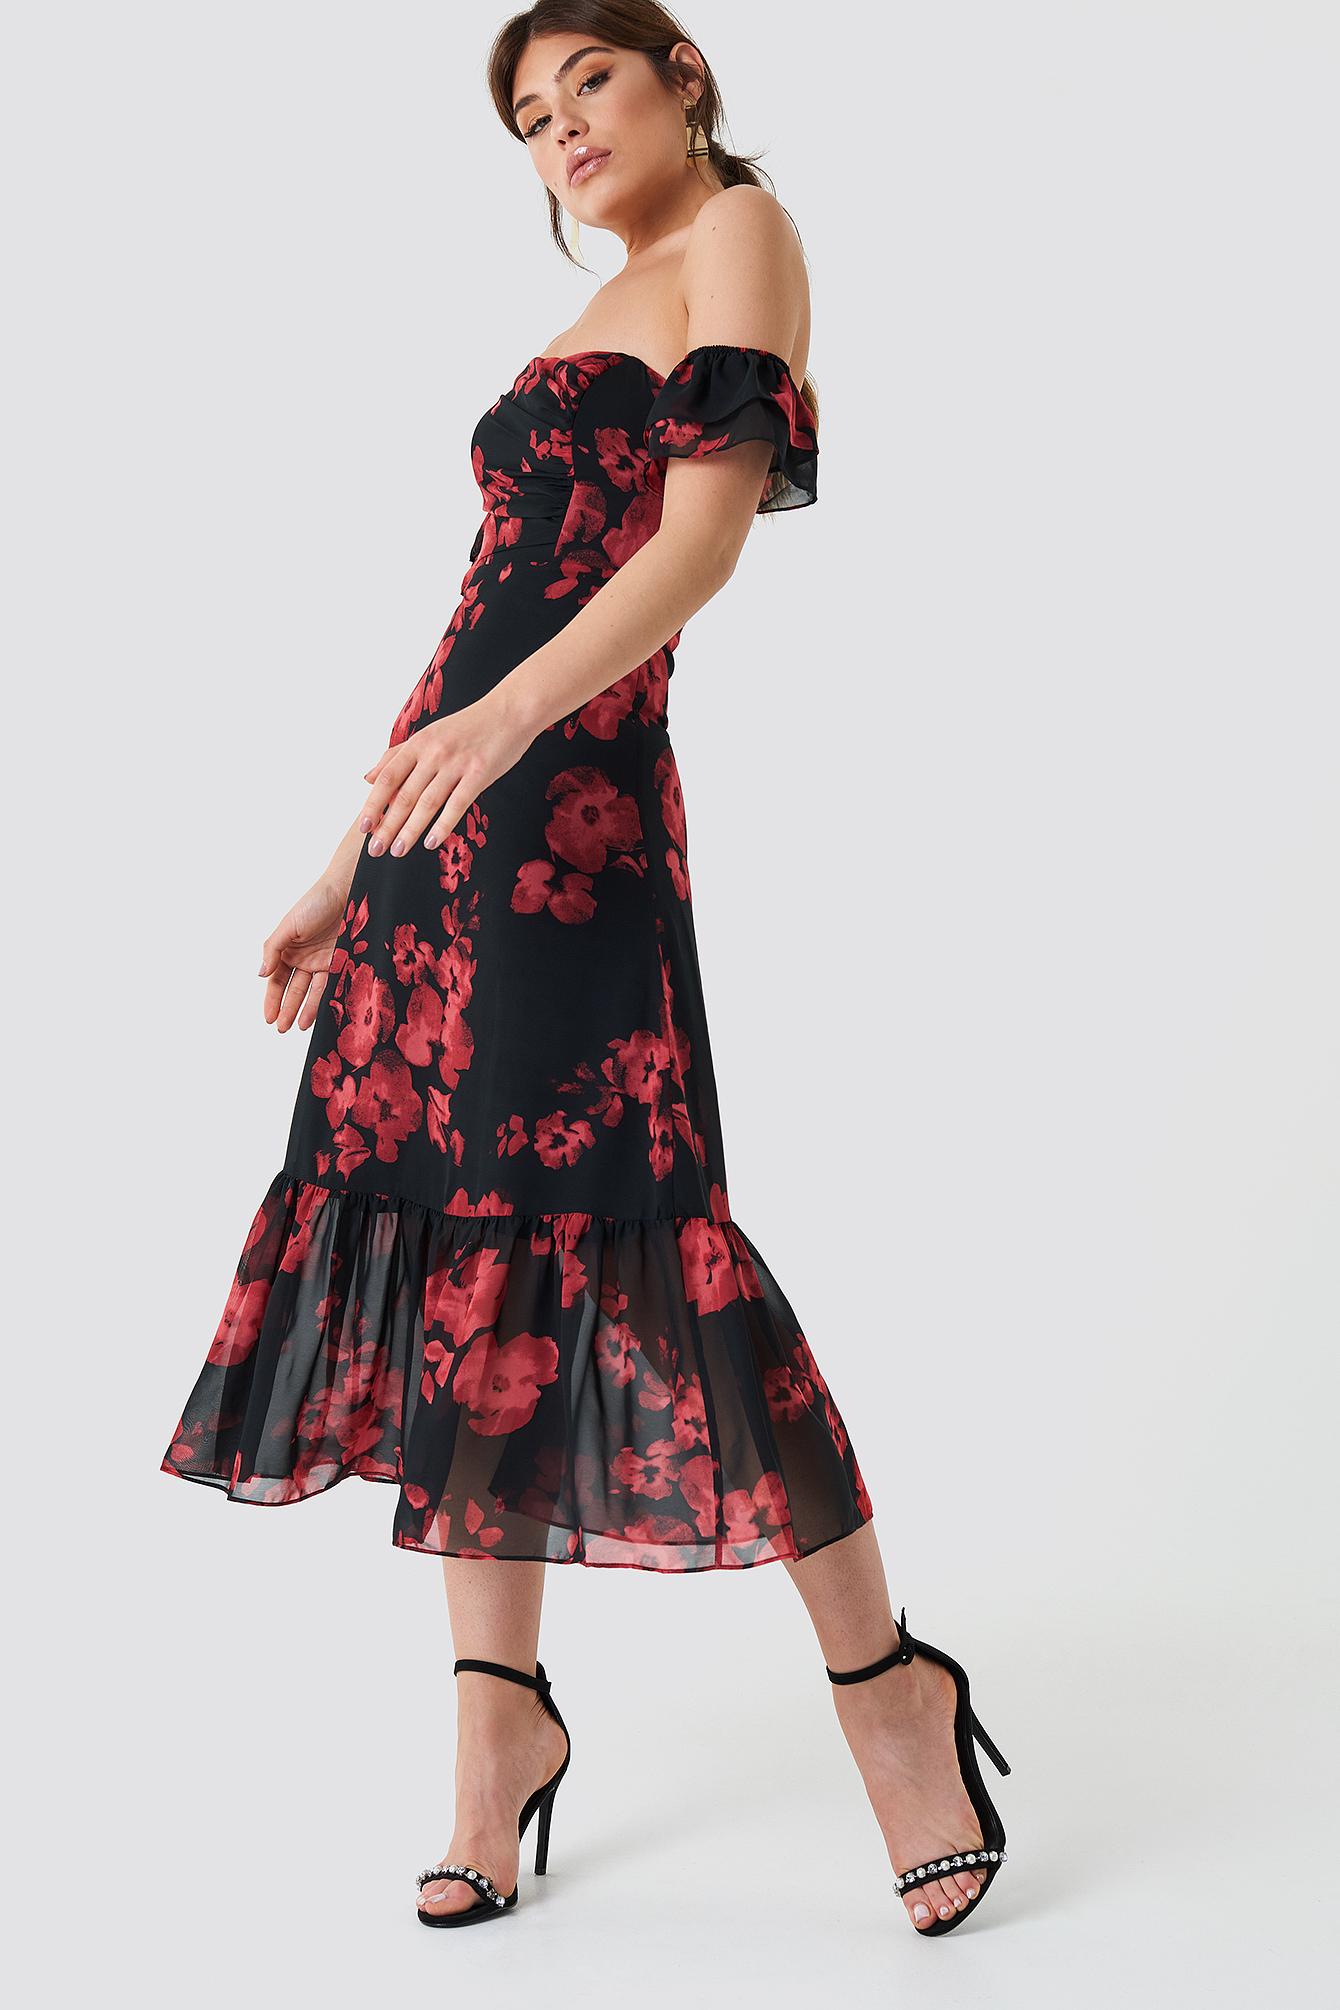 Trendyol Relaxed Shoulder Midi Dress - YvNmOVtf